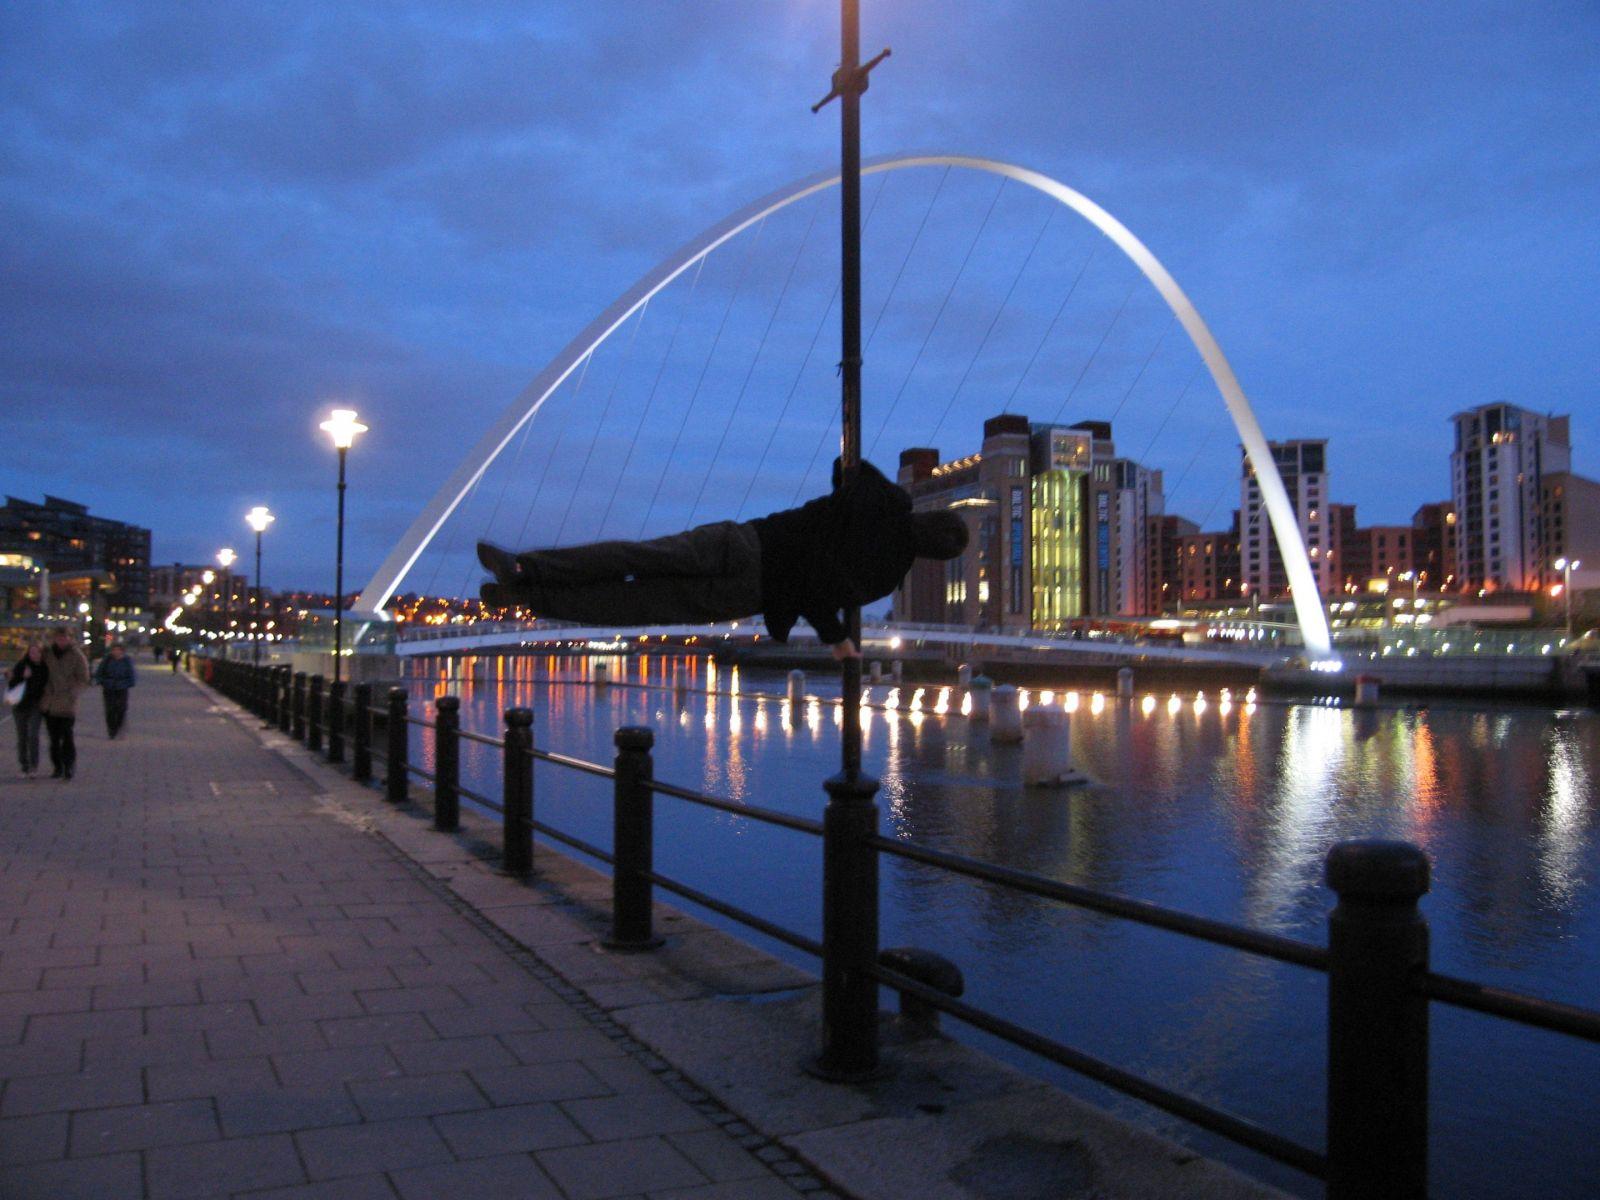 Gateshead, UK 2006-2